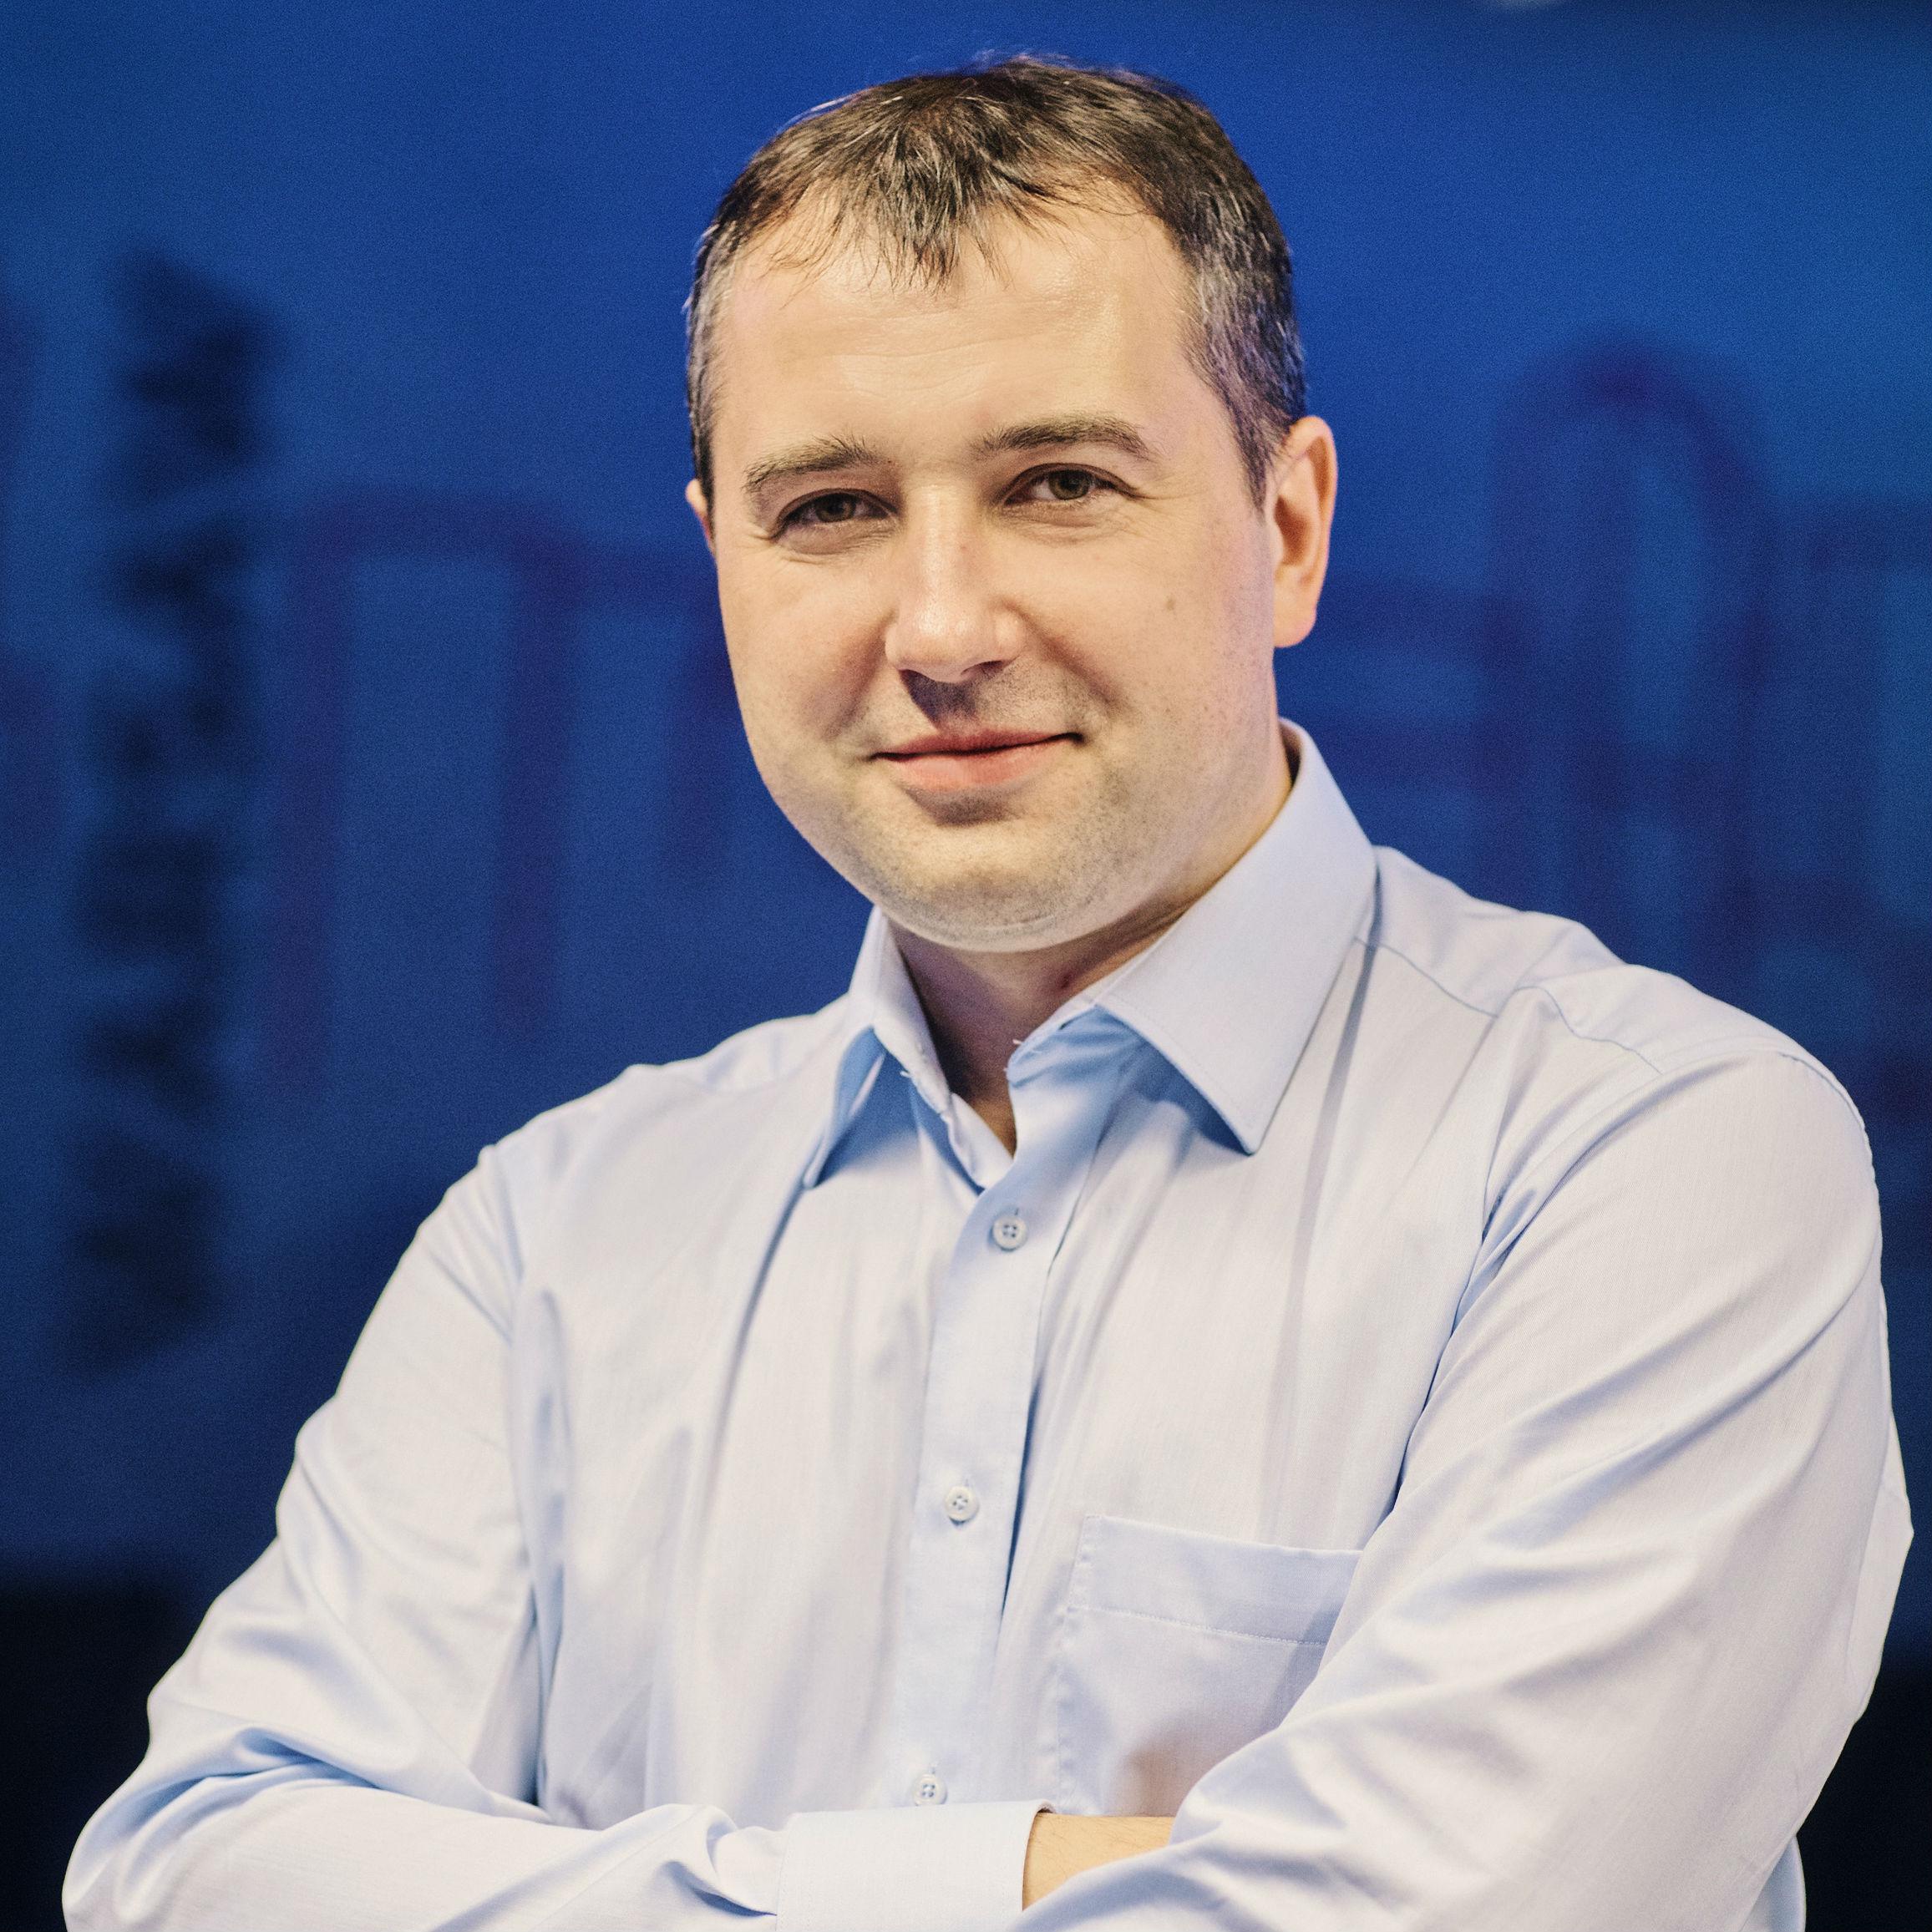 Marcin-Rupiński